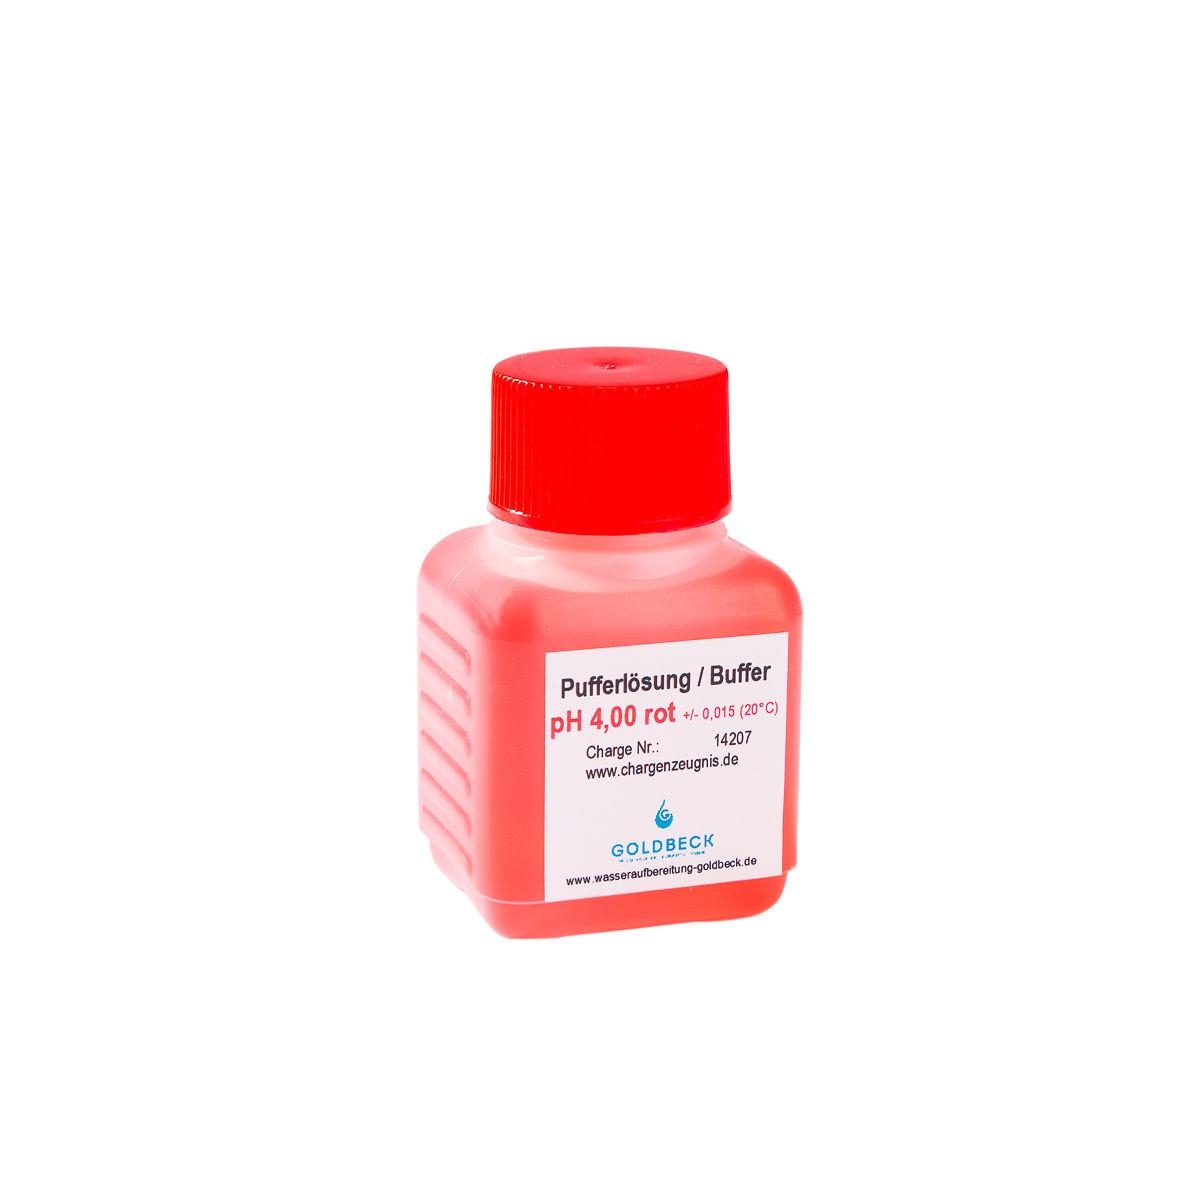 Pufferlösung pH 4